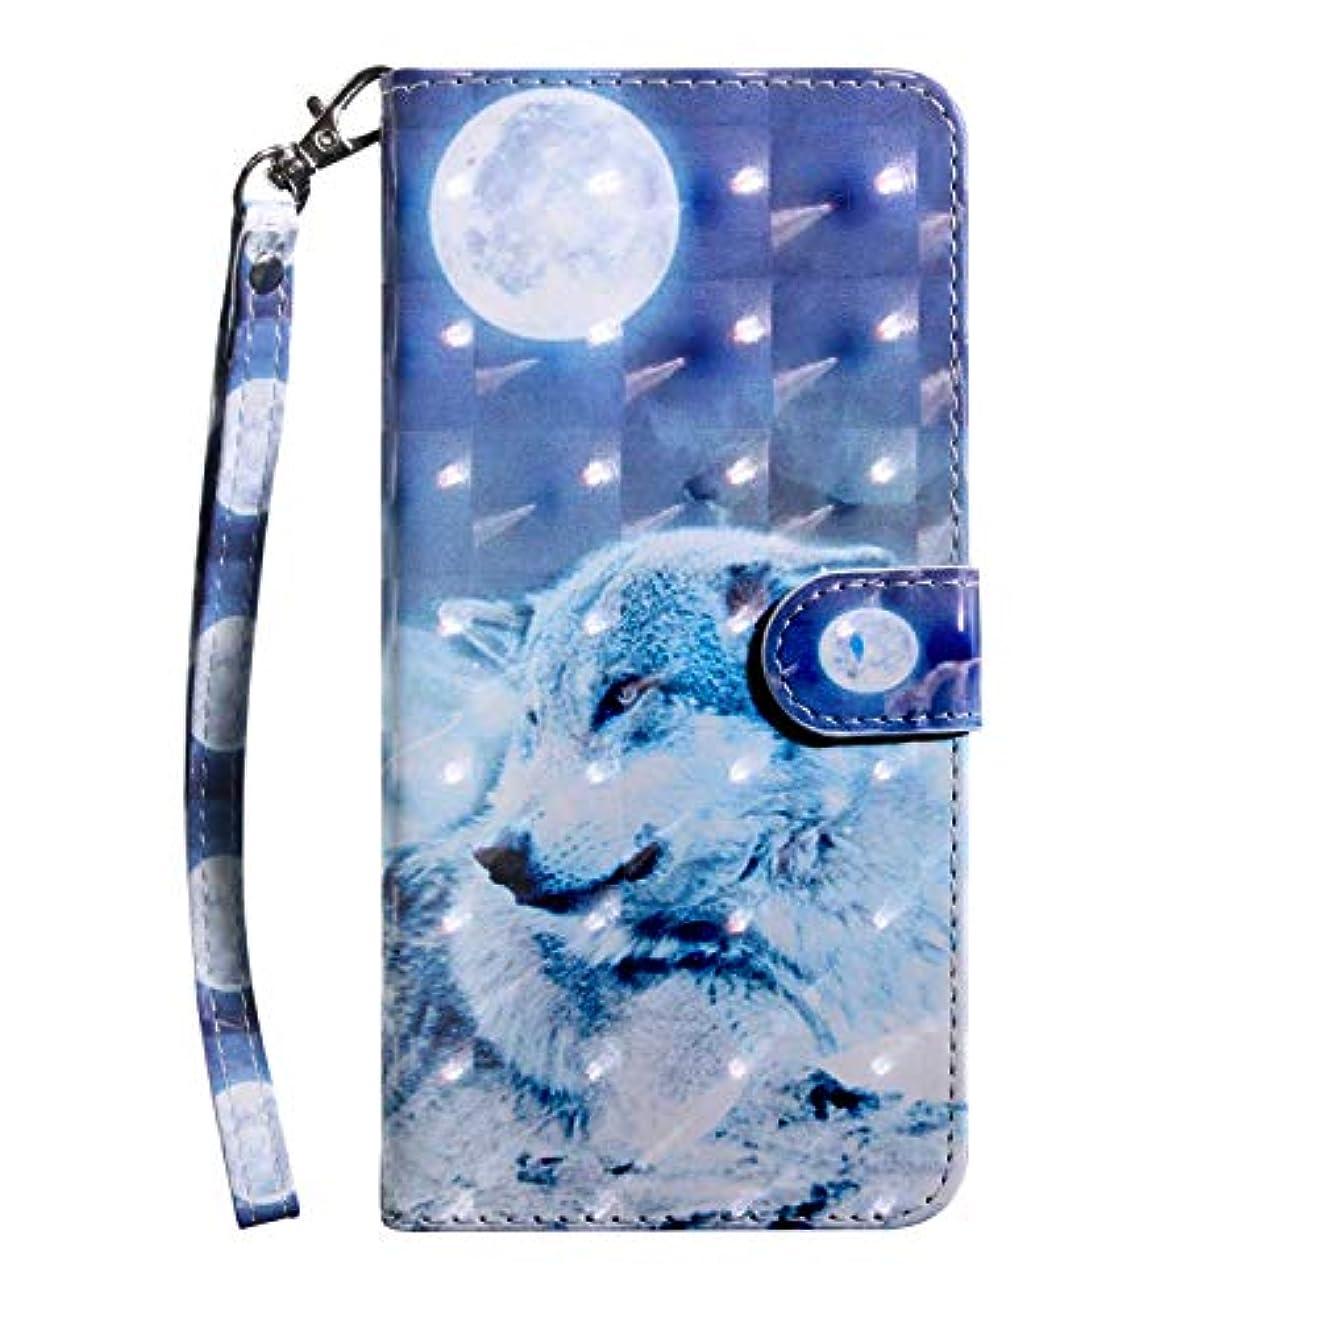 最も遠いこしょうシルエットCUSKING Galaxy J2 Pro 2018 ケース 手帳型 財布型カバー Galaxy J2 Pro 2018 スマホカバー 磁気バックル カード収納 スタンド機能 サムスン ギャラクシ レザーケース –月と狼